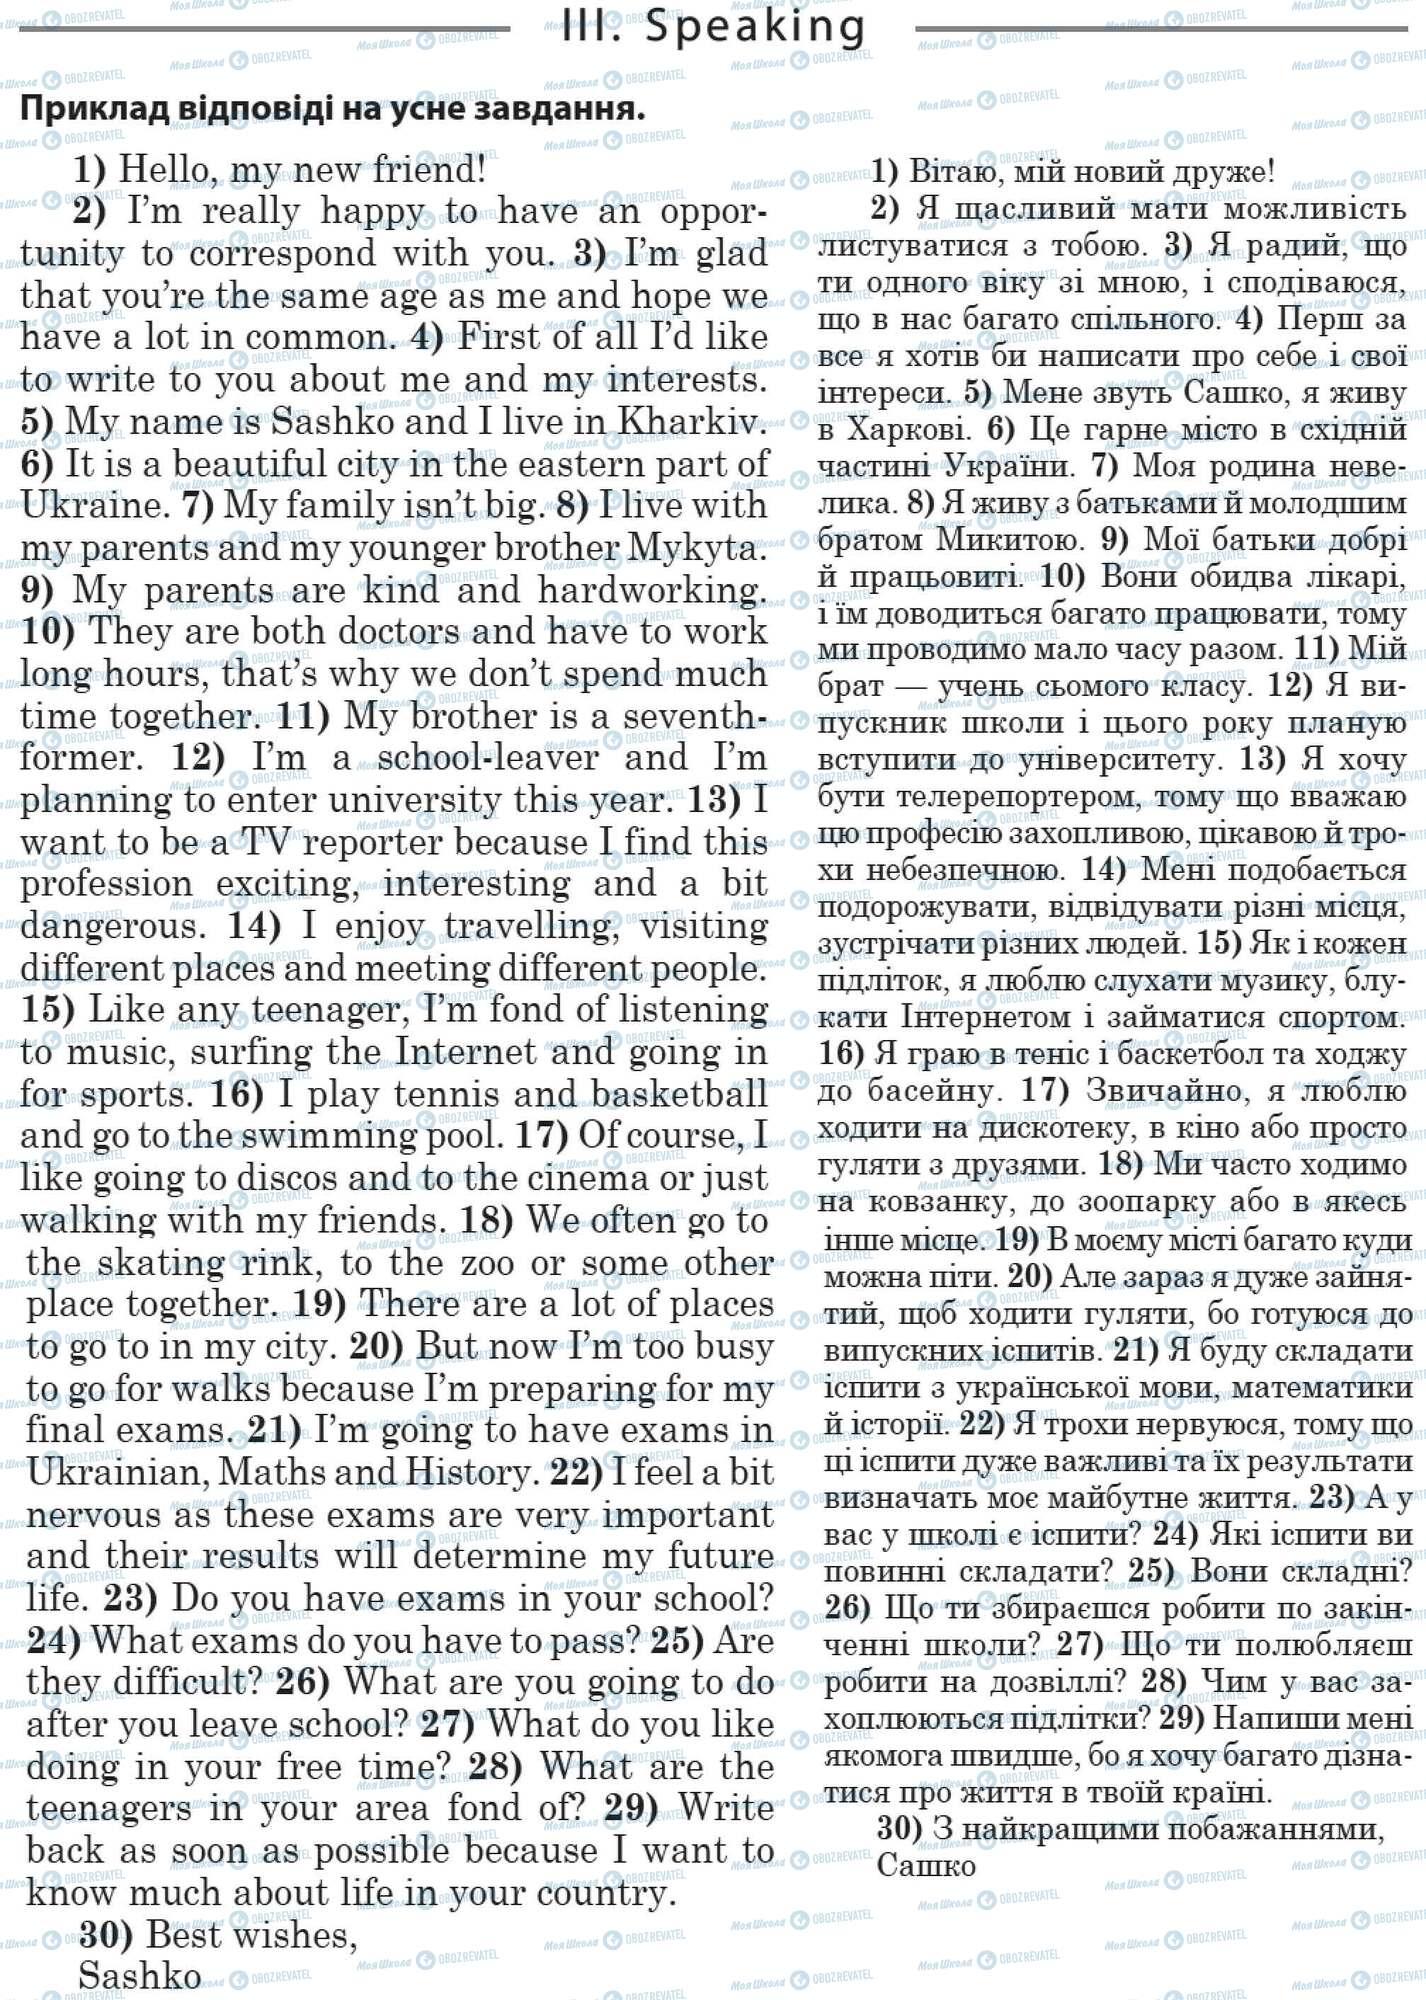 ДПА Англійська мова 11 клас сторінка 3. Speaking